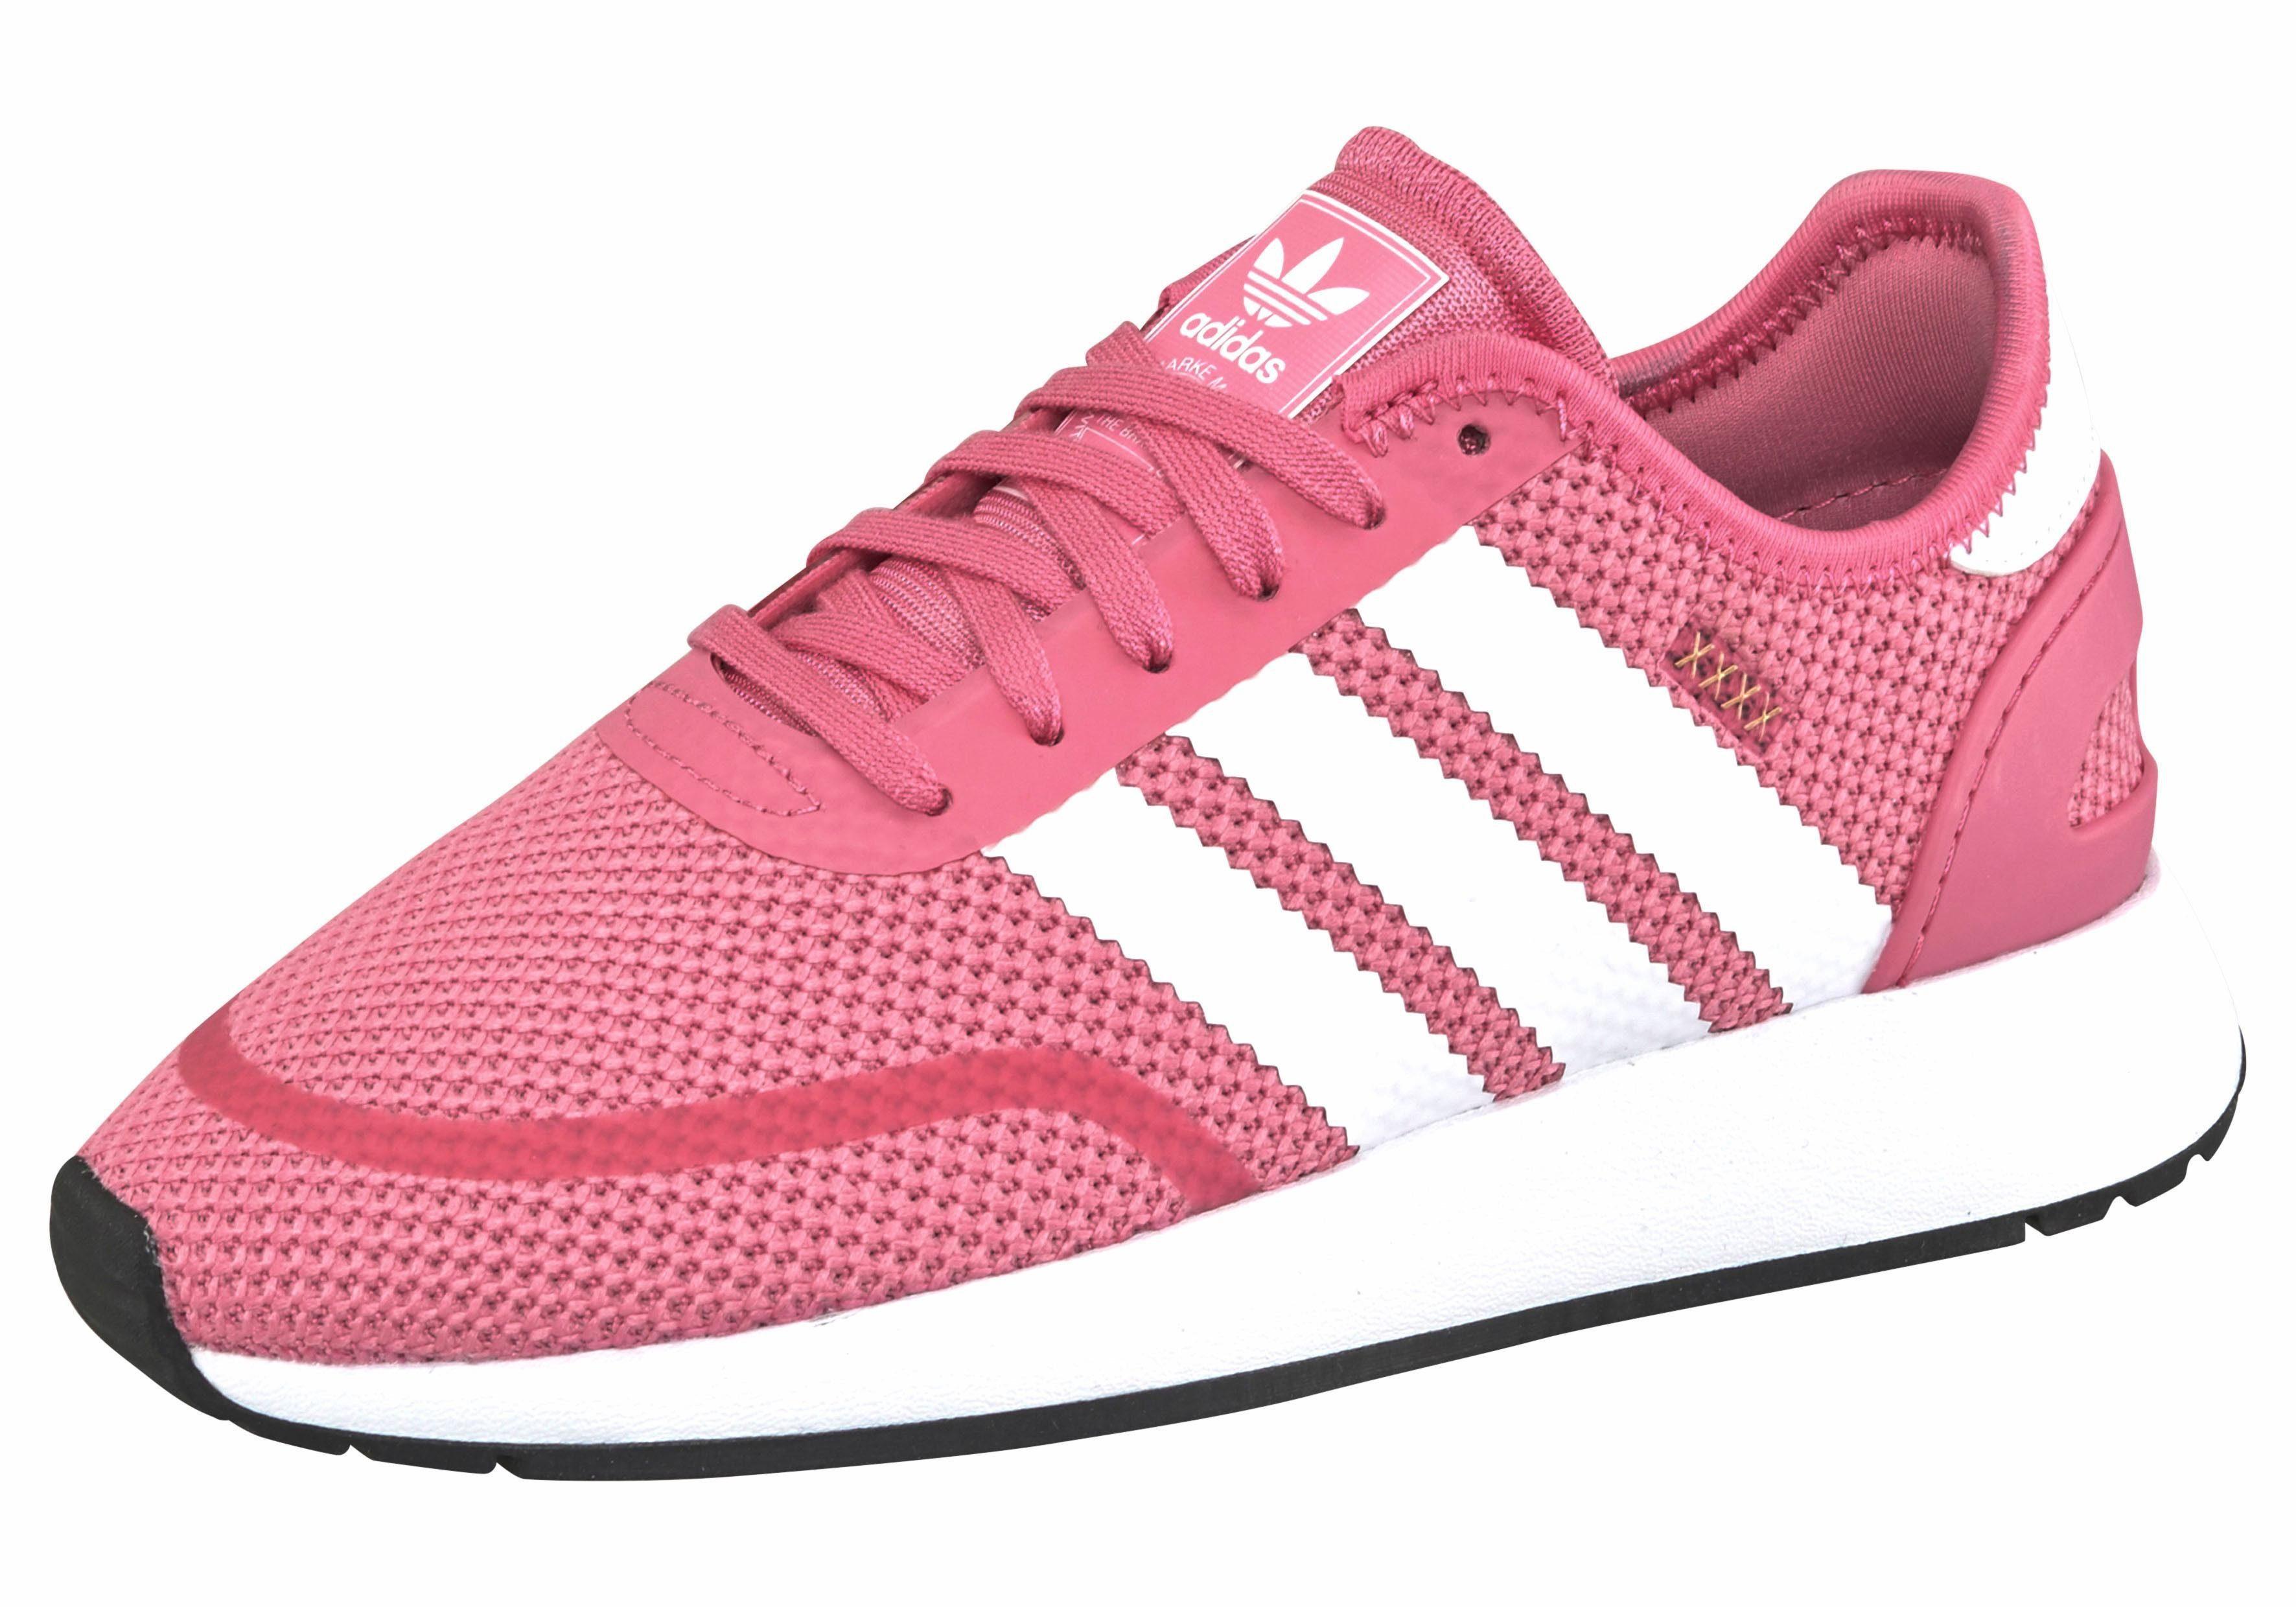 adidas Originals N-5923 CLS J Sneaker kaufen  pink-weiß